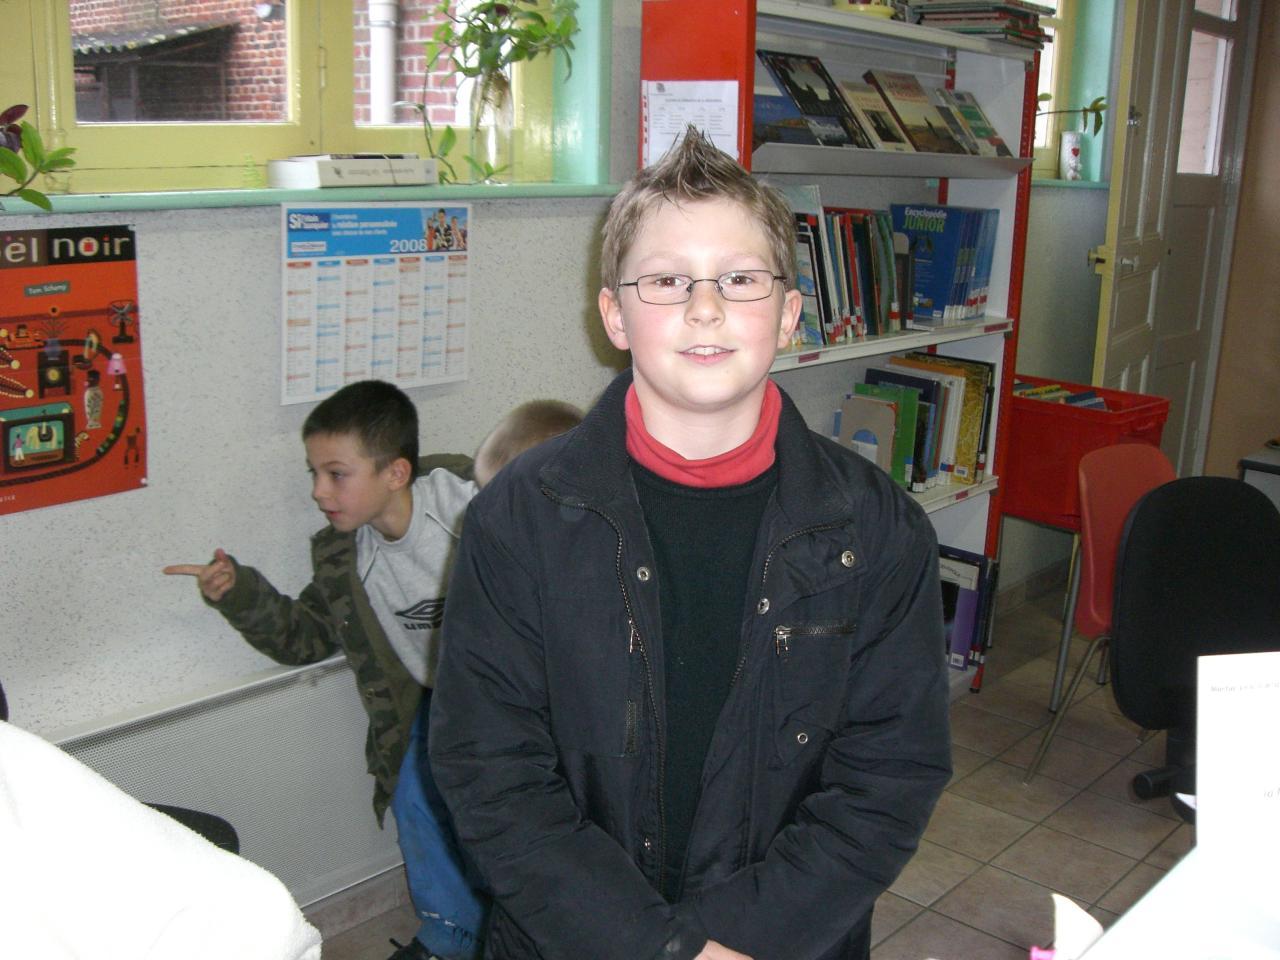 2008.11 le 18 Enfants de l'Ecole à la Bibi le mardi (9)